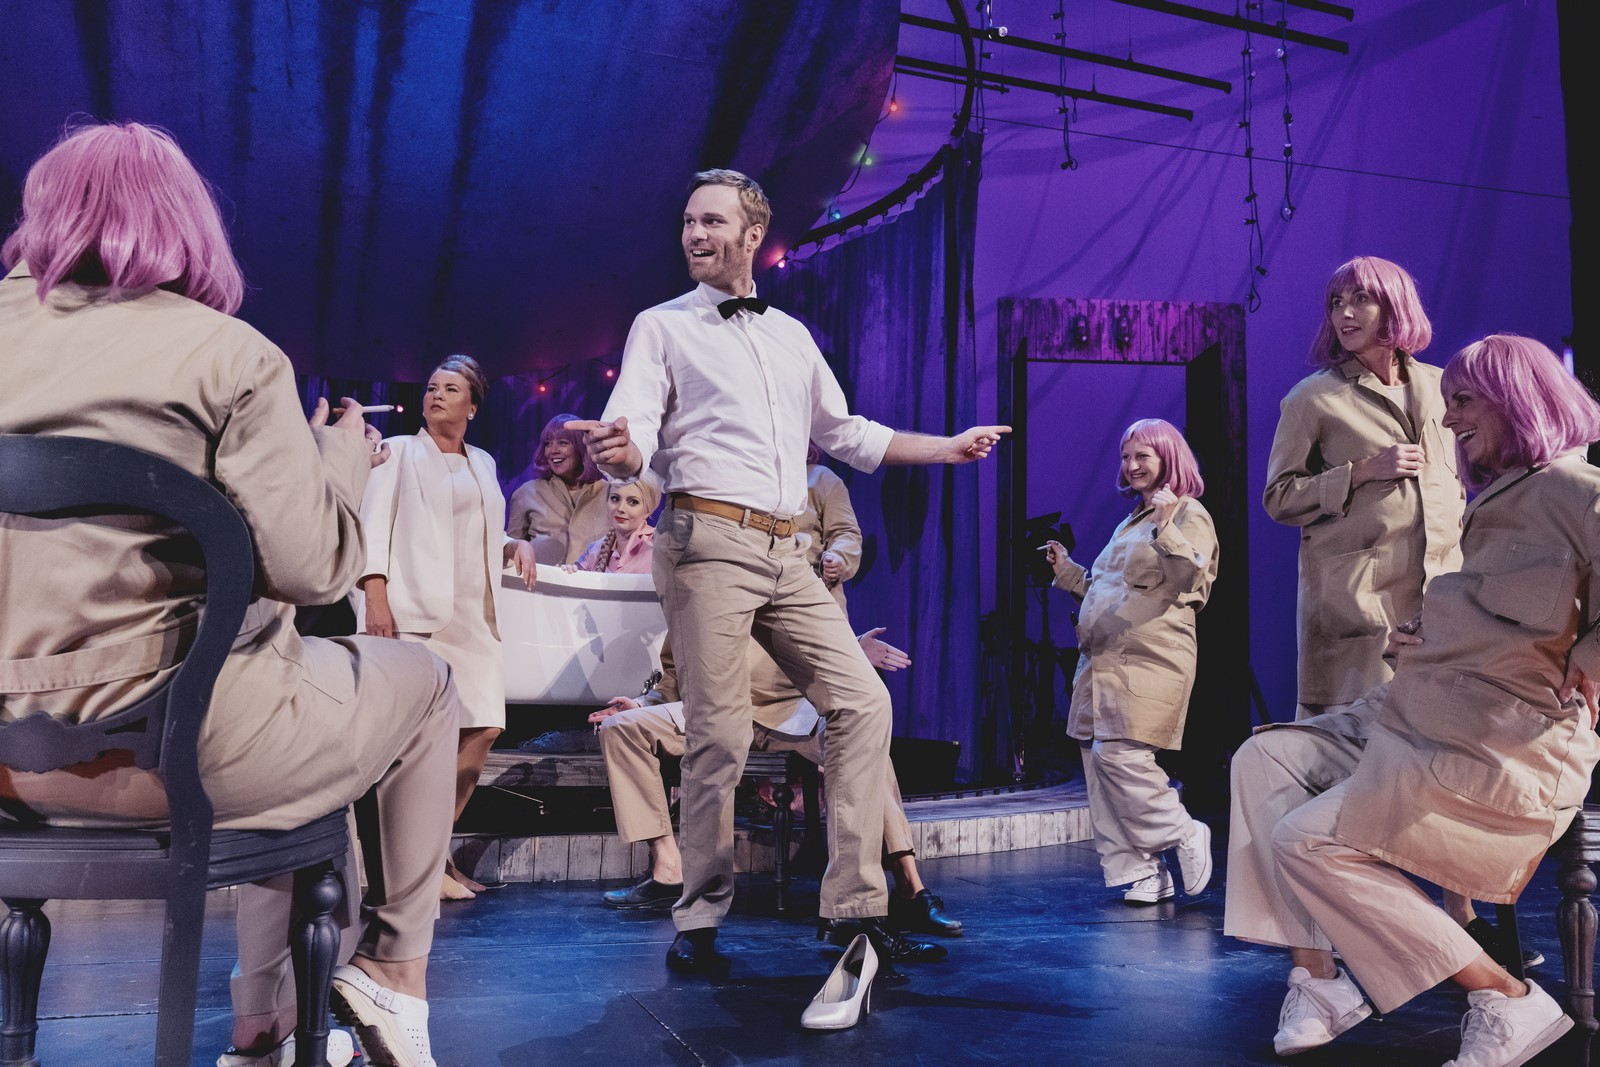 Anmeldelse: Figaros bryllup, Det Kongelige Teater